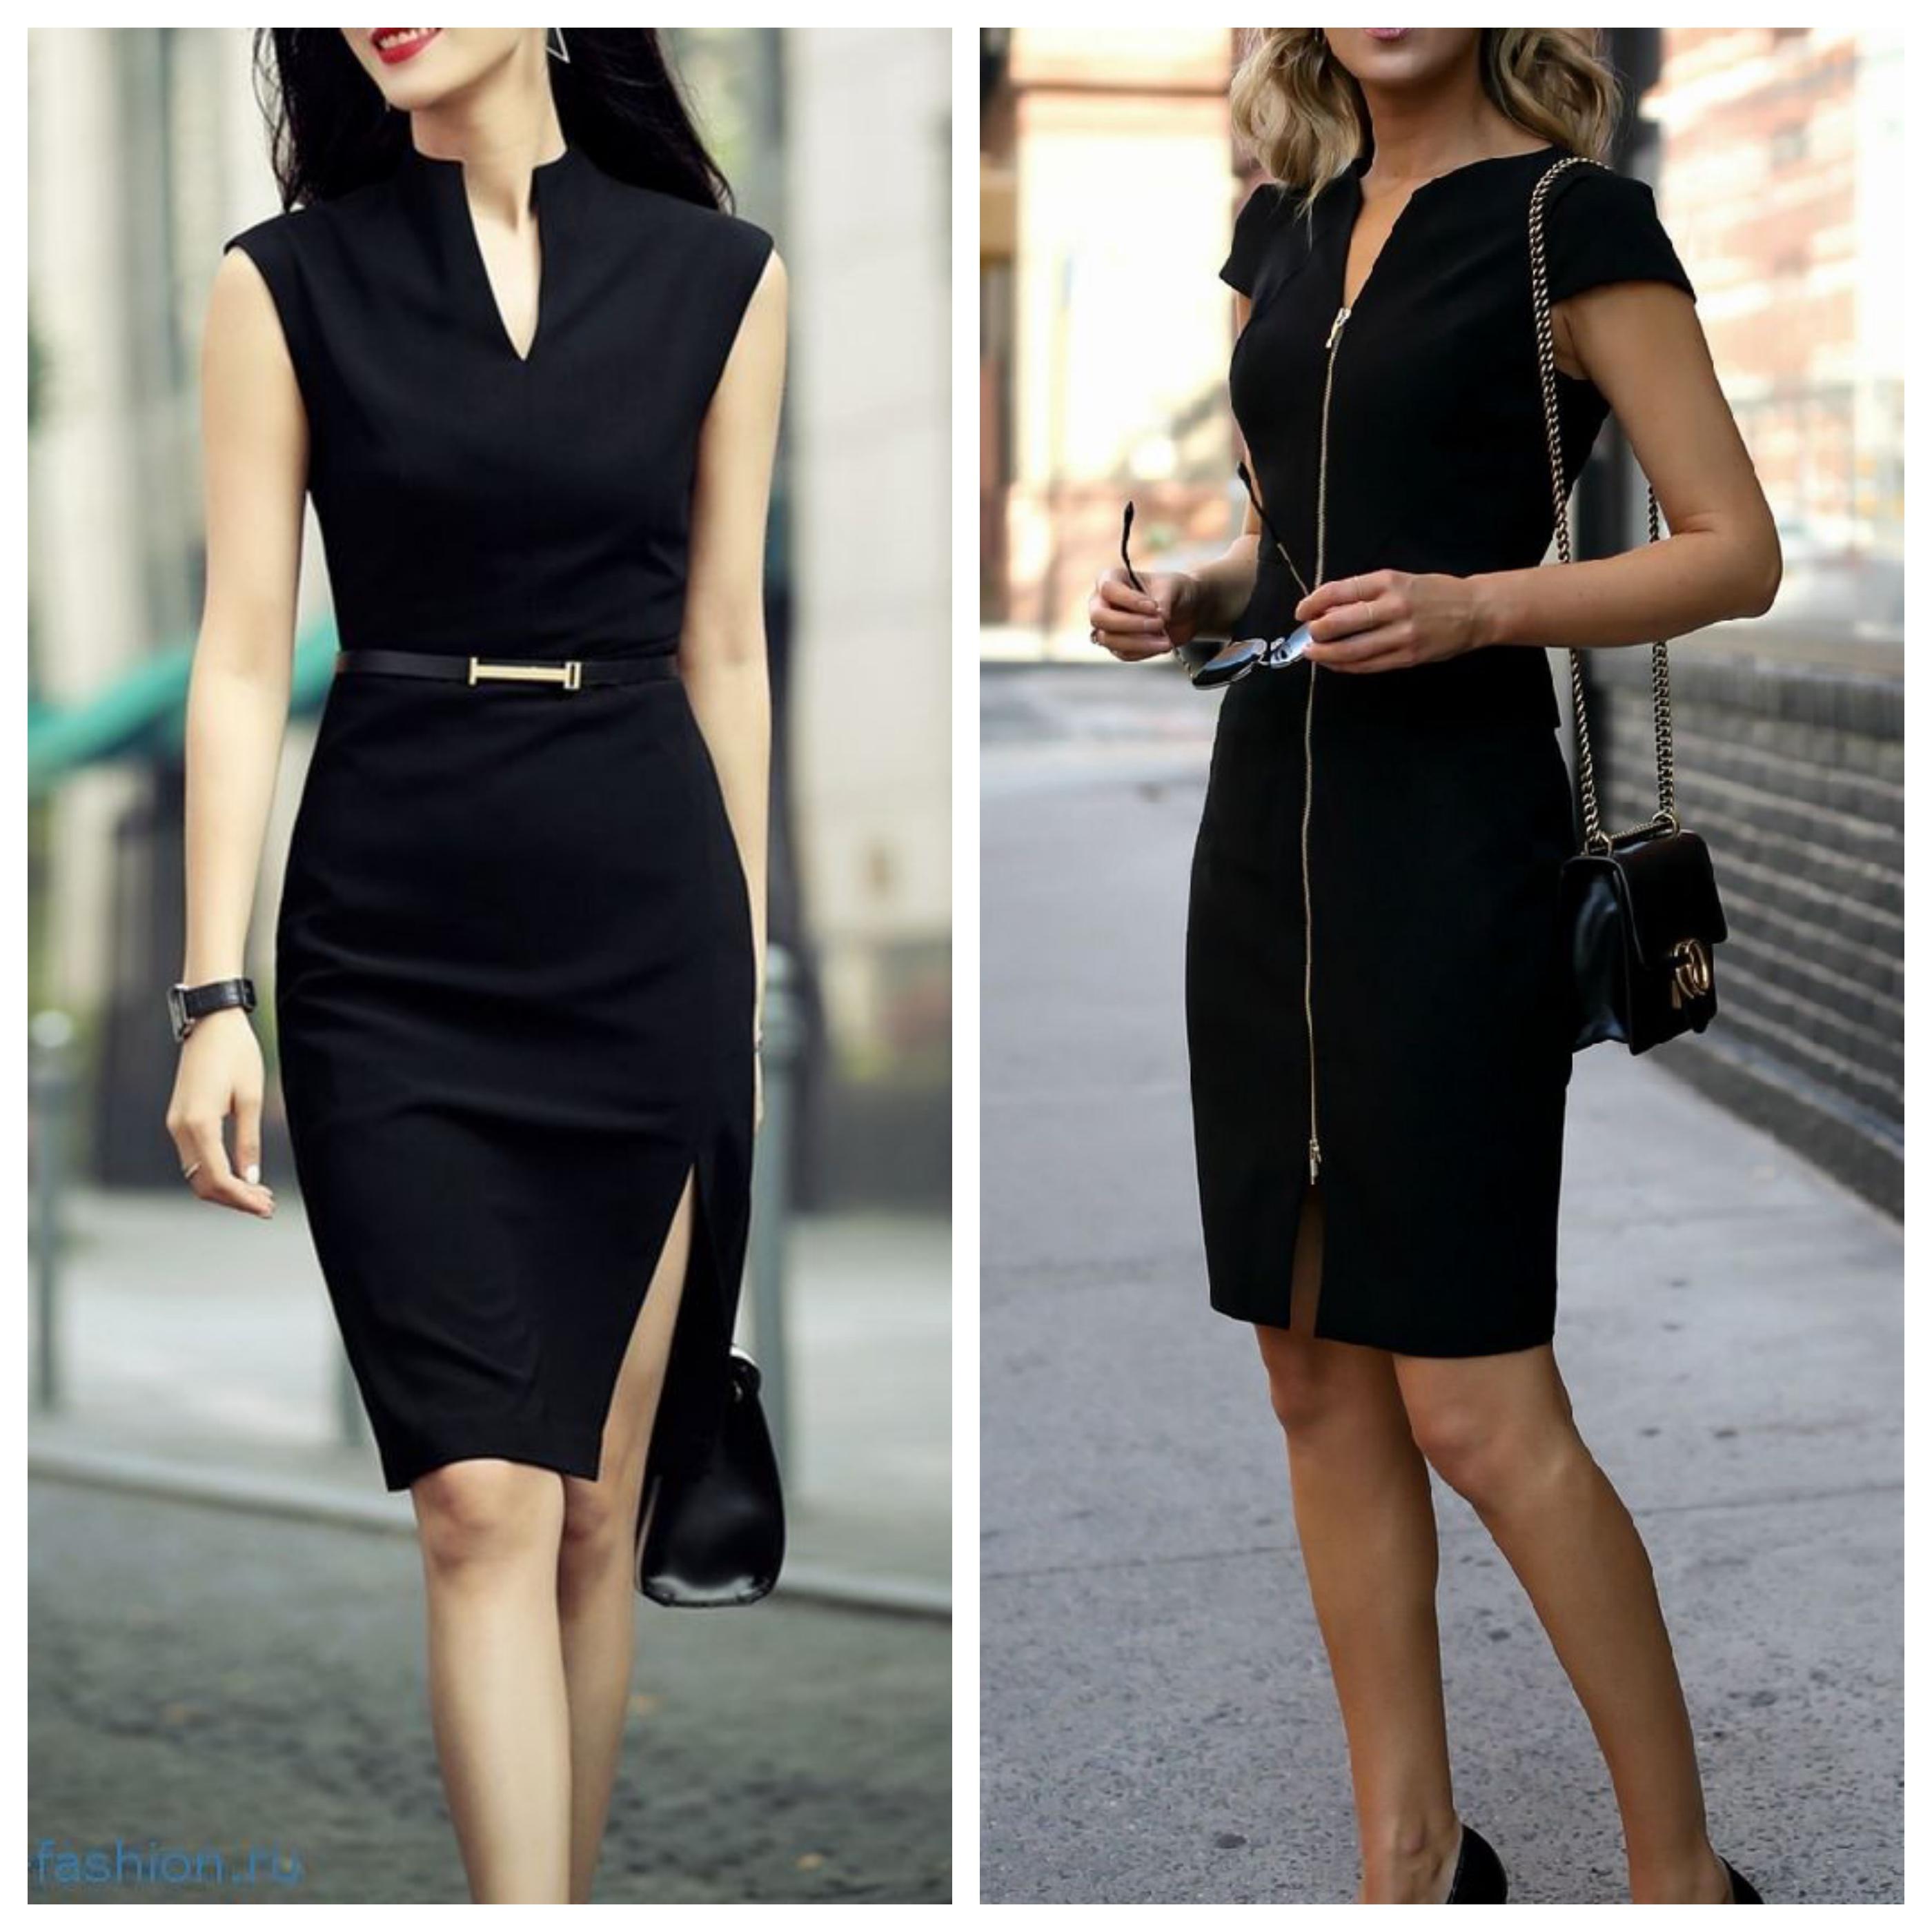 Деловое черное платье - офисный стиль